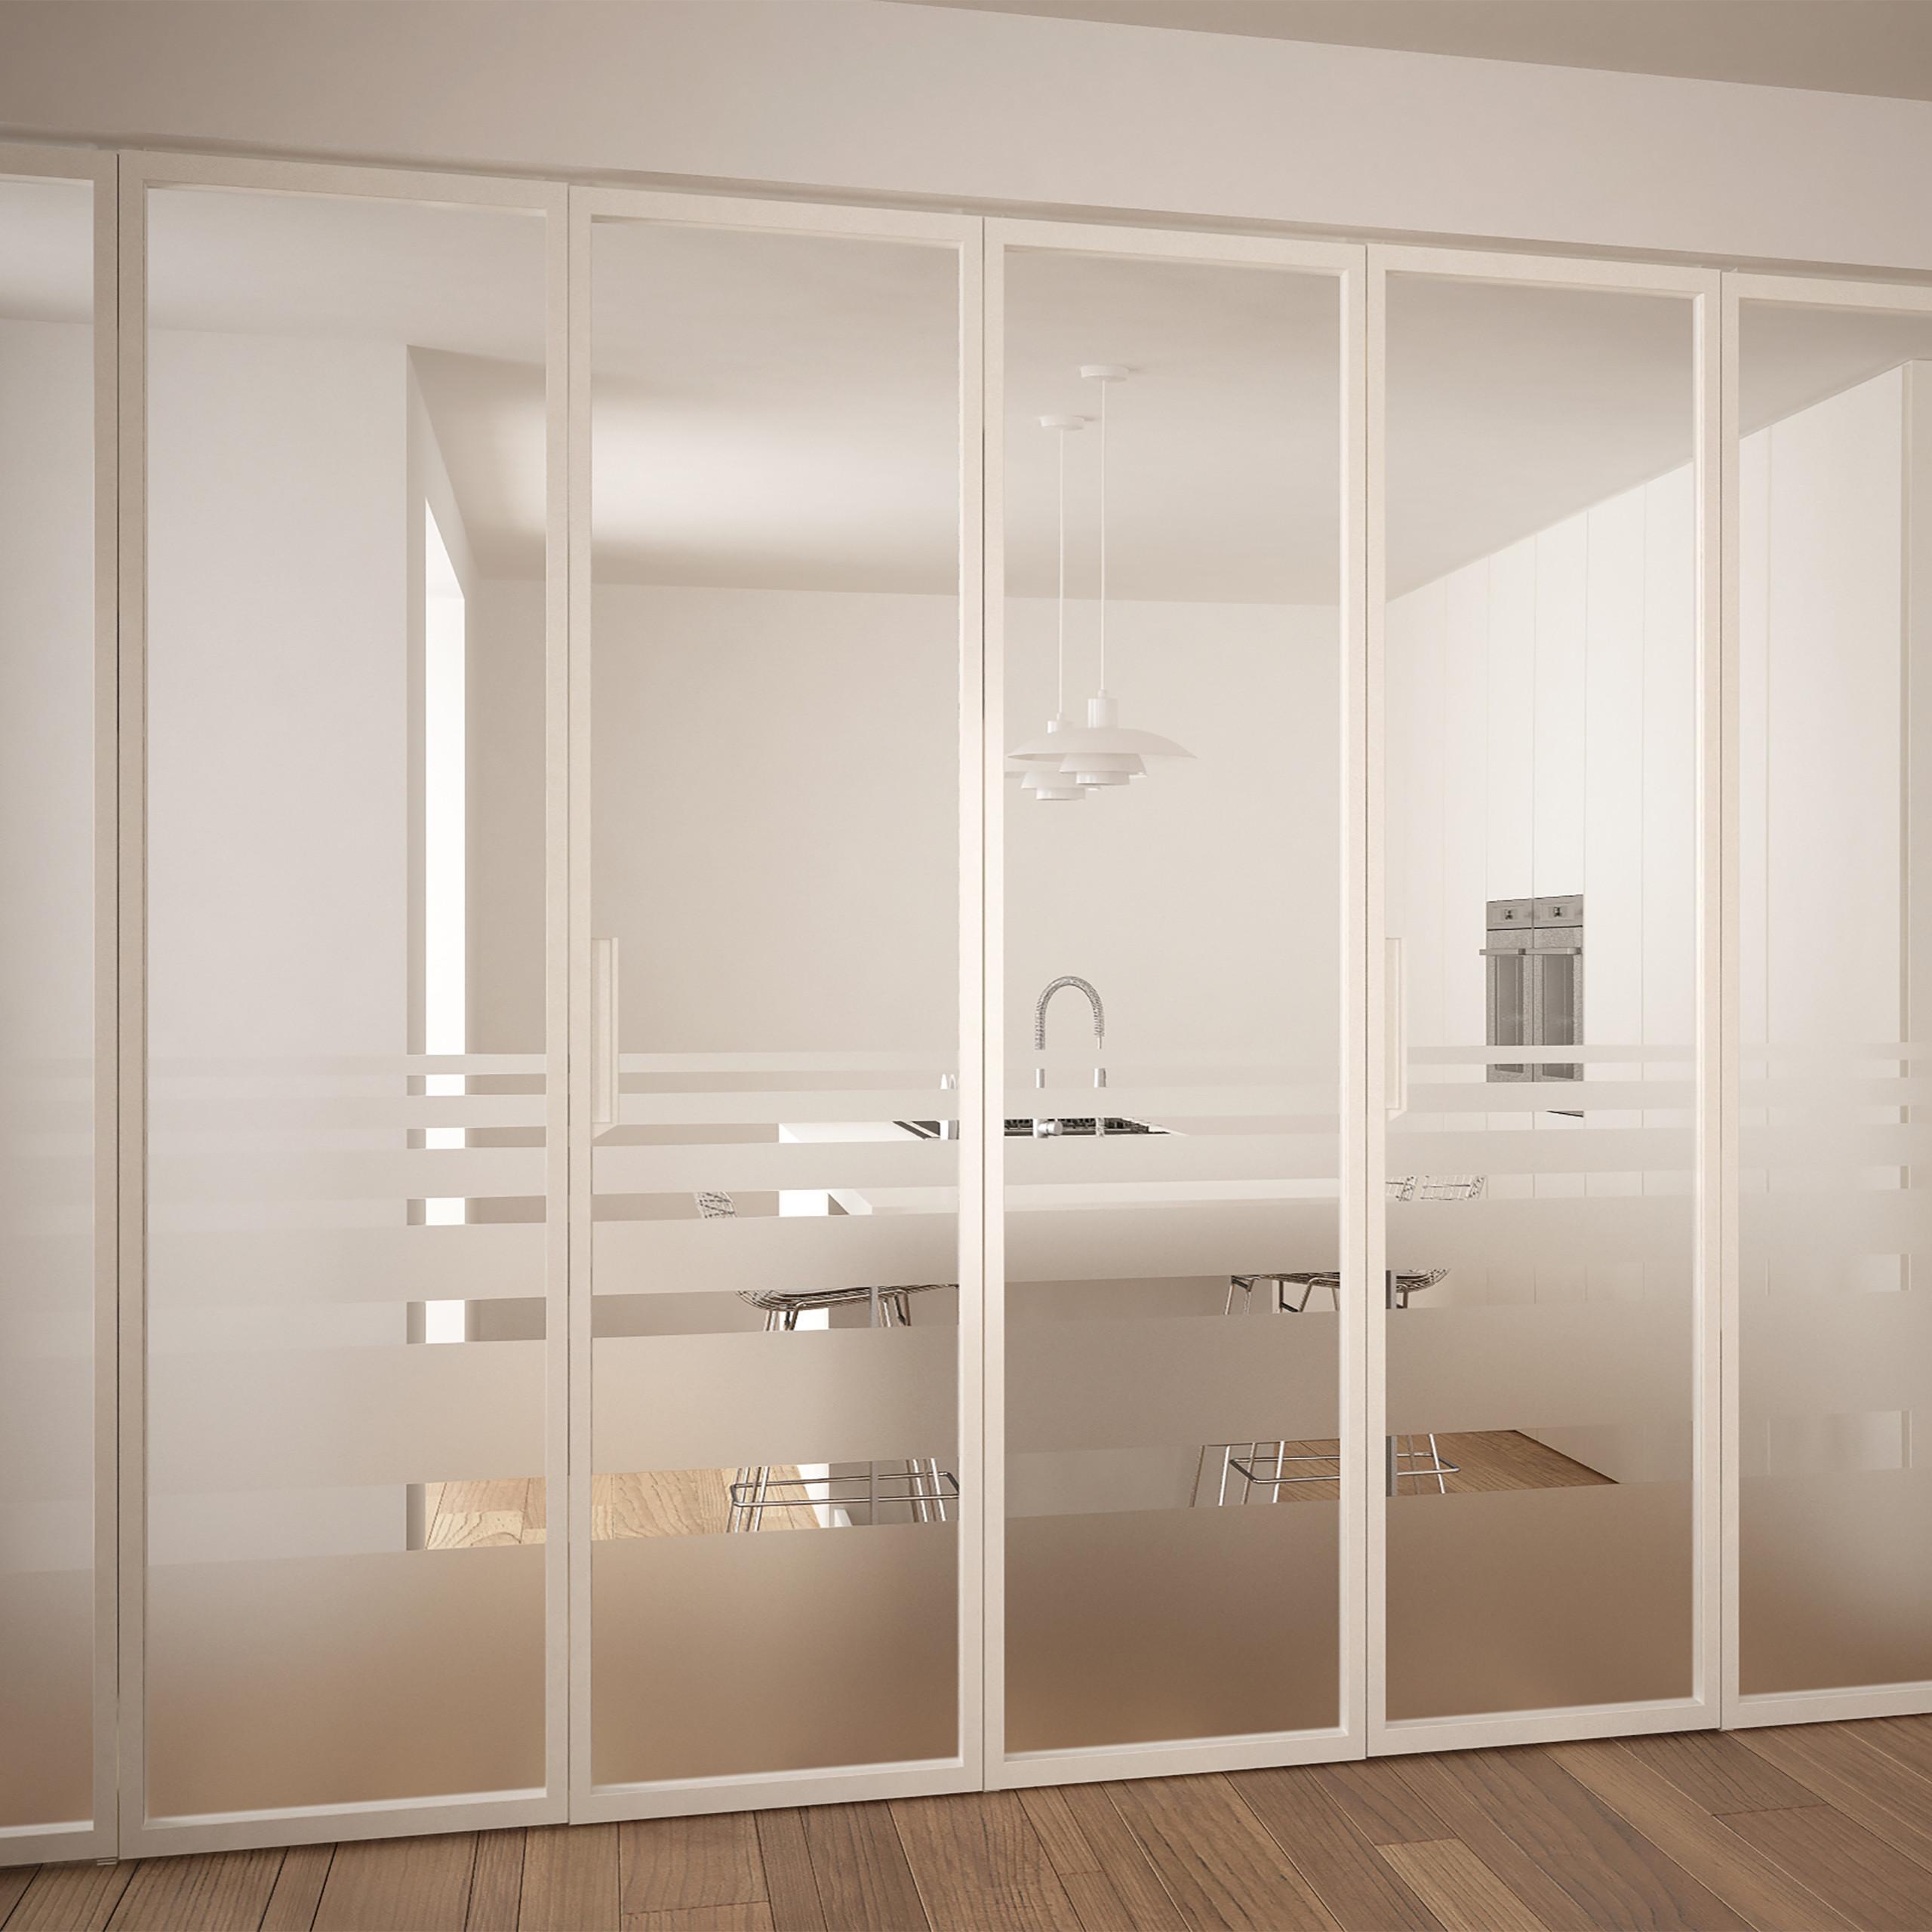 milchglasfolie fensterfolie statisch haftend sichtschutzfolie t rfolie fenster ebay. Black Bedroom Furniture Sets. Home Design Ideas